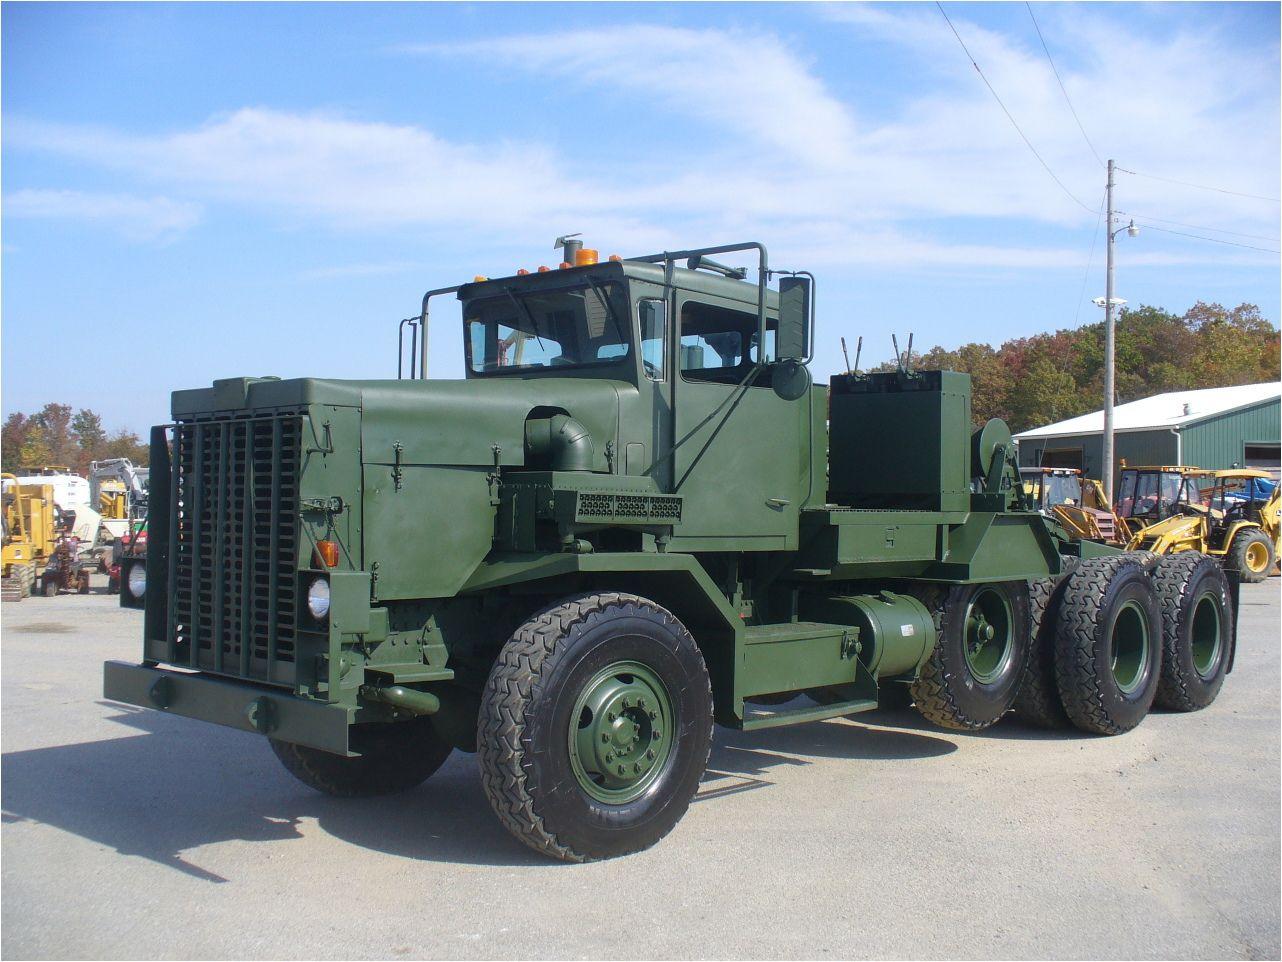 1979 OSHKOSH M911 Military Truck - Brandywine Trucks & Equipment ...